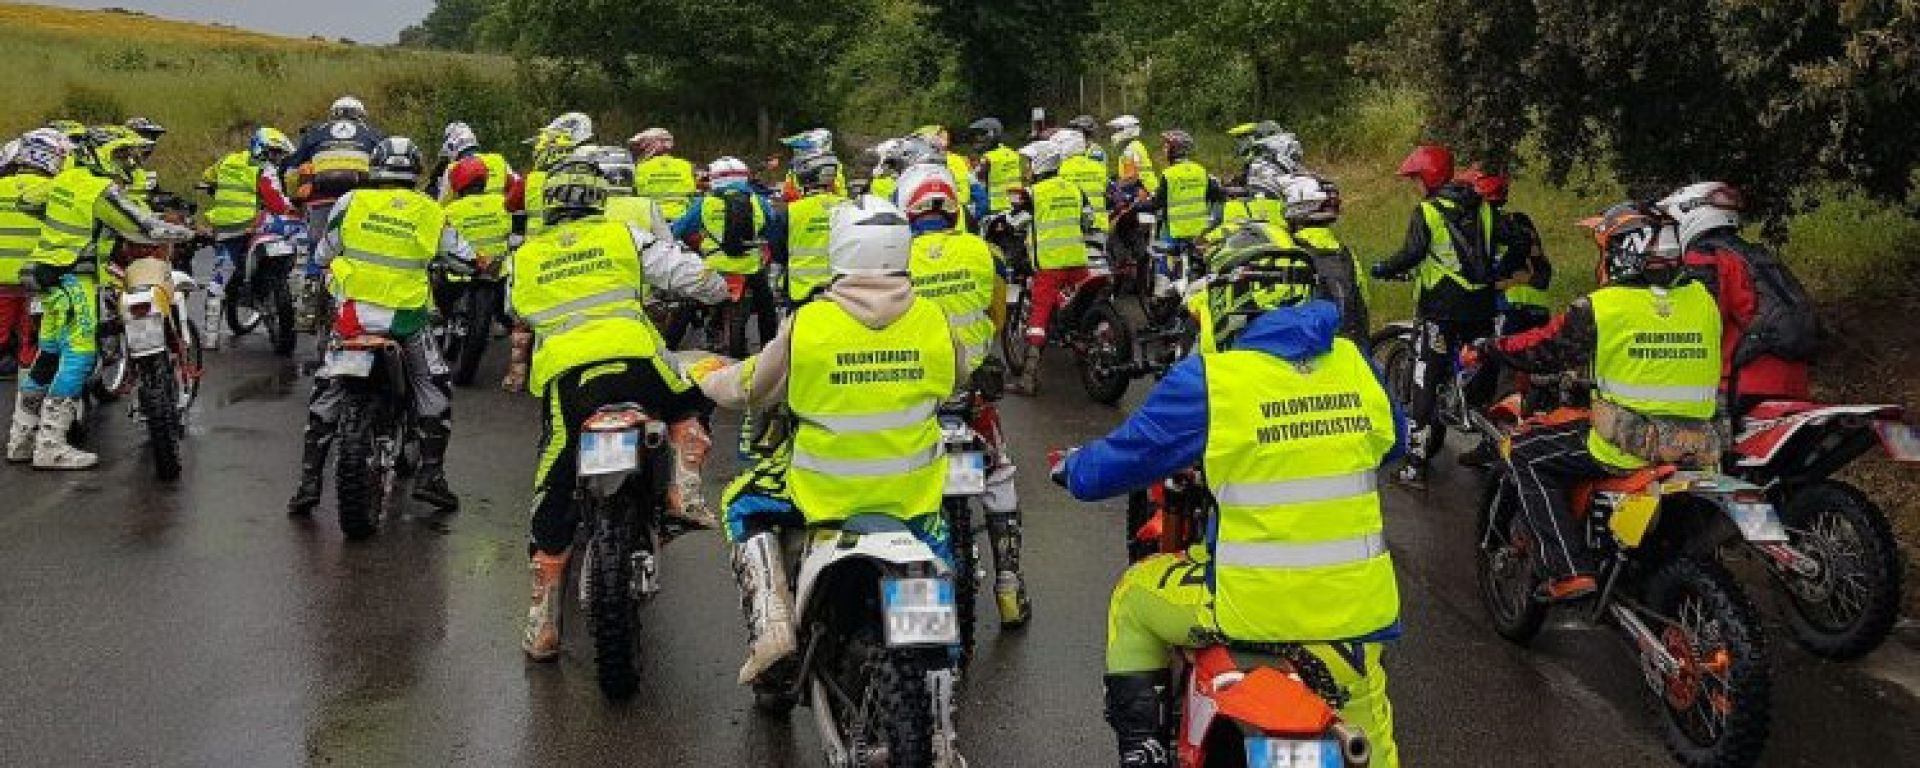 Motociclisti volontari FMI